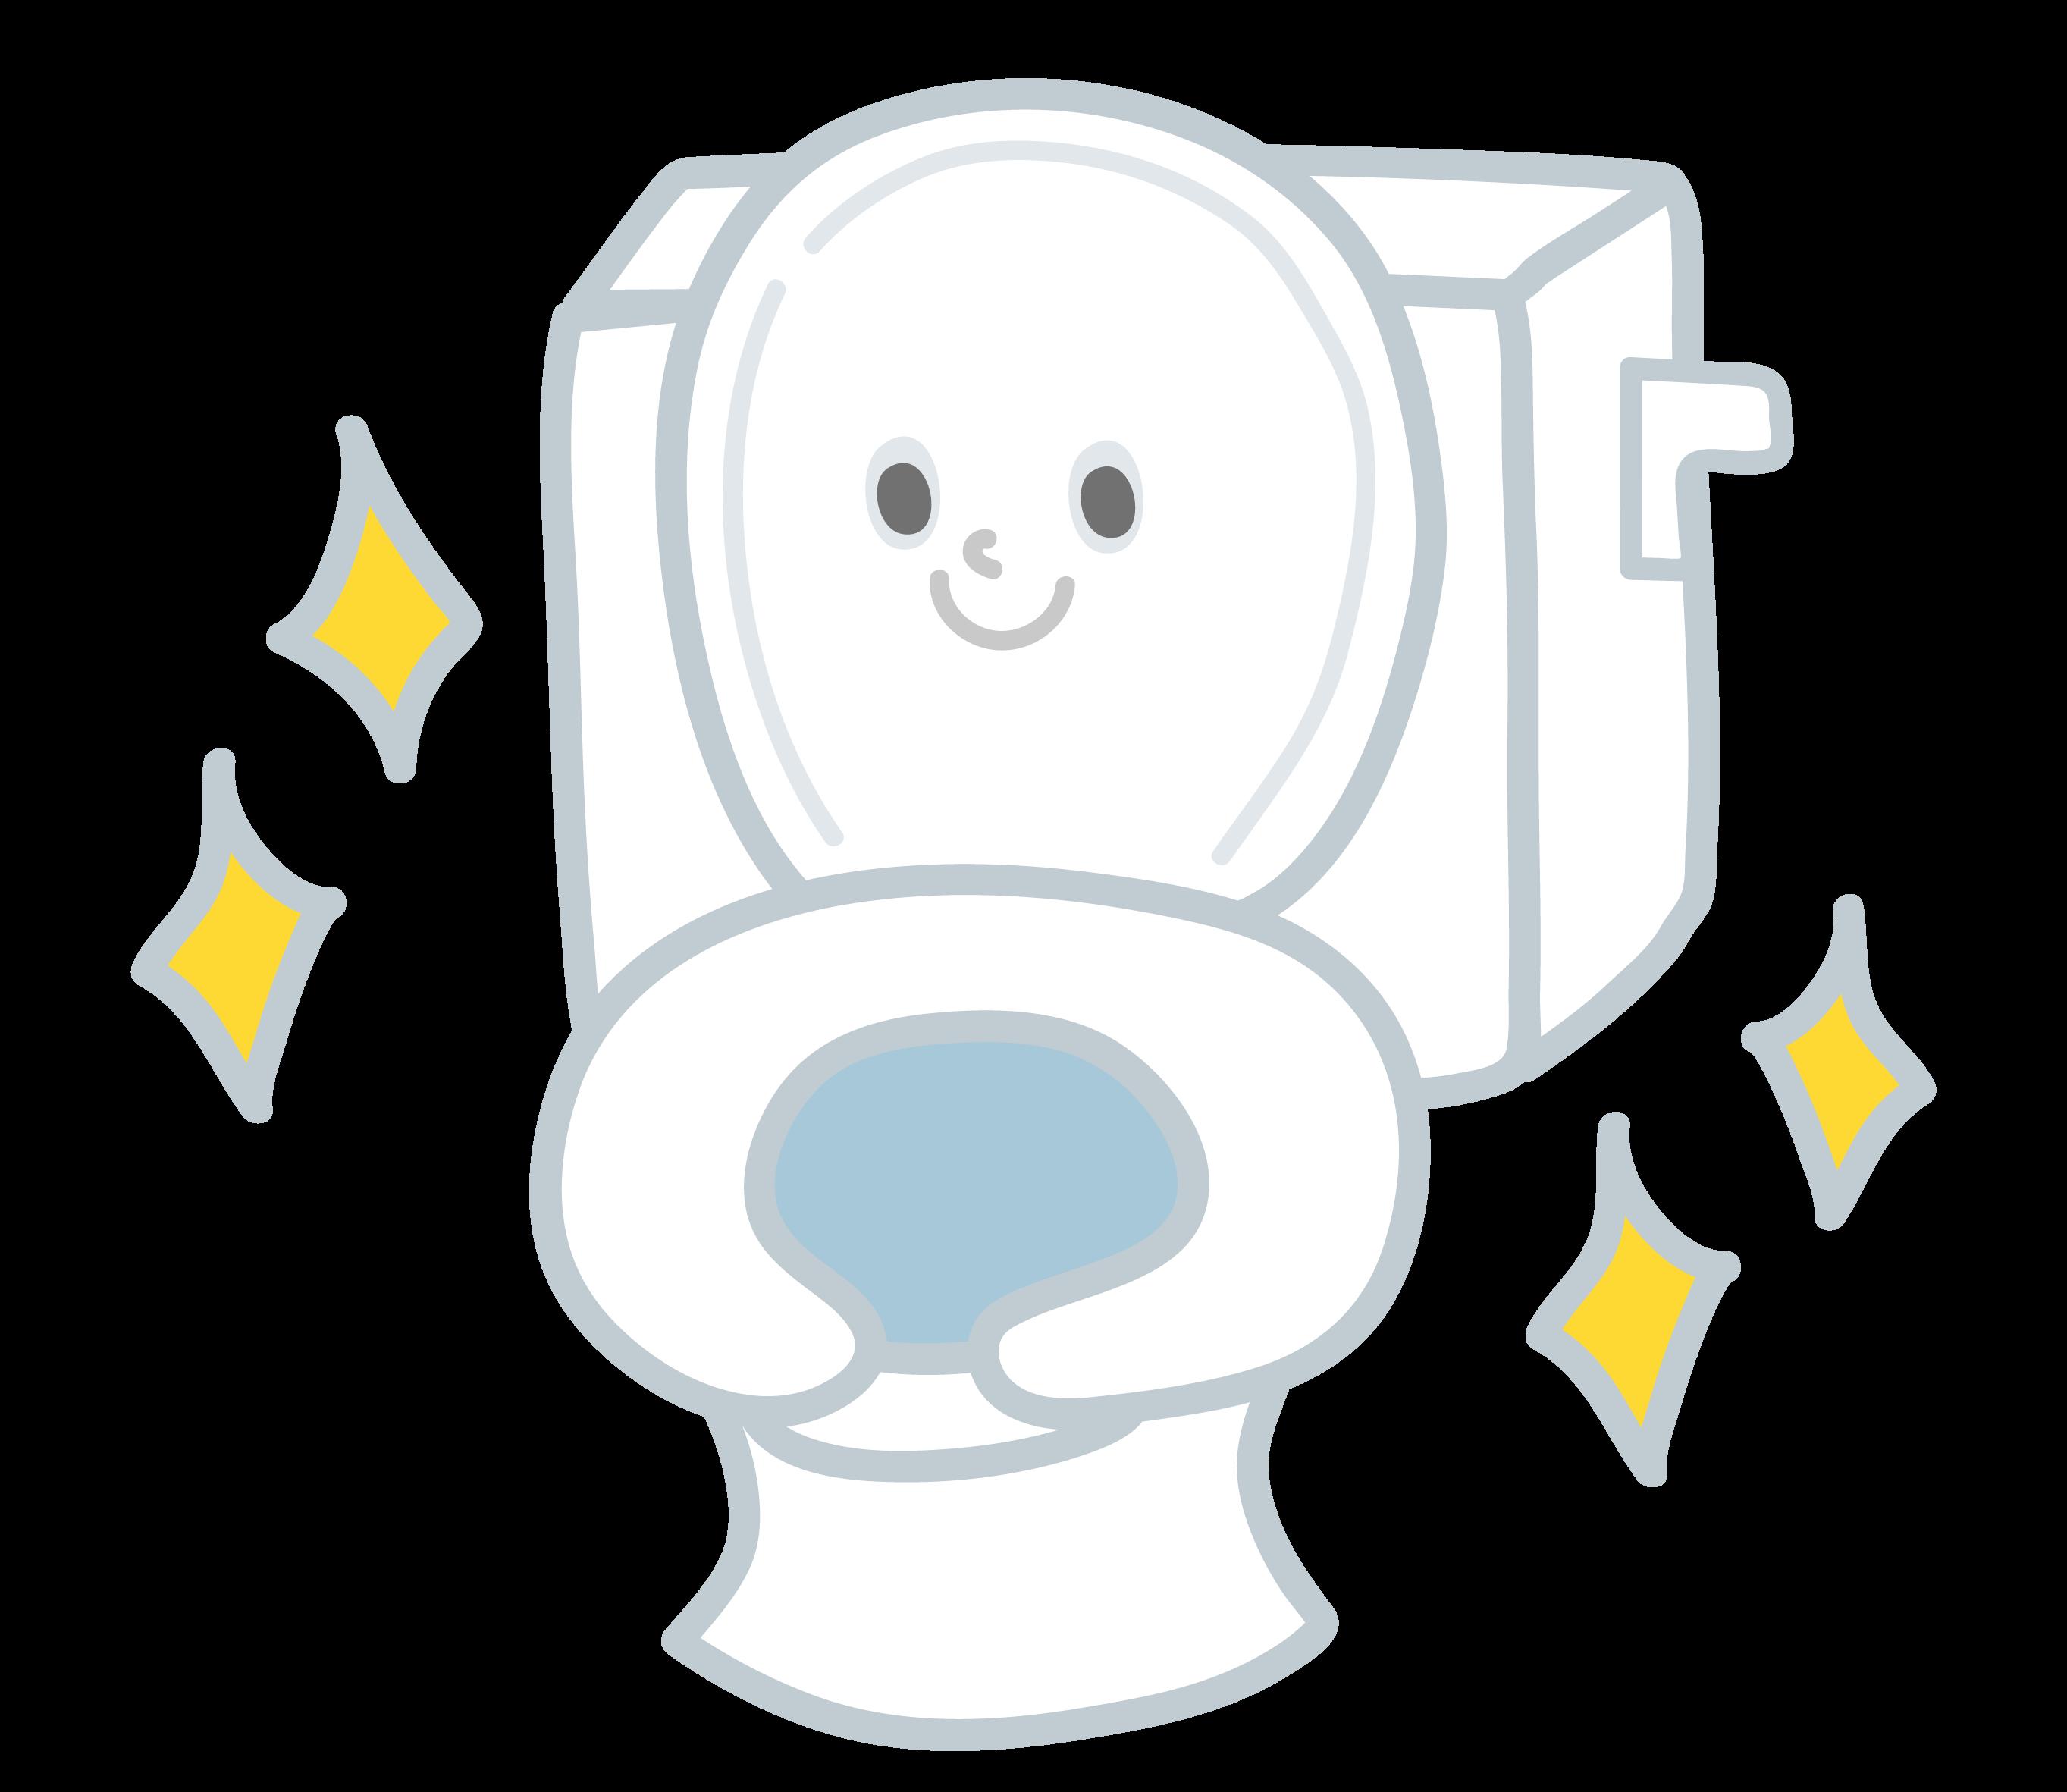 トイレの暑さ対策 トイレをきれいにそうじしておく イメージ画像